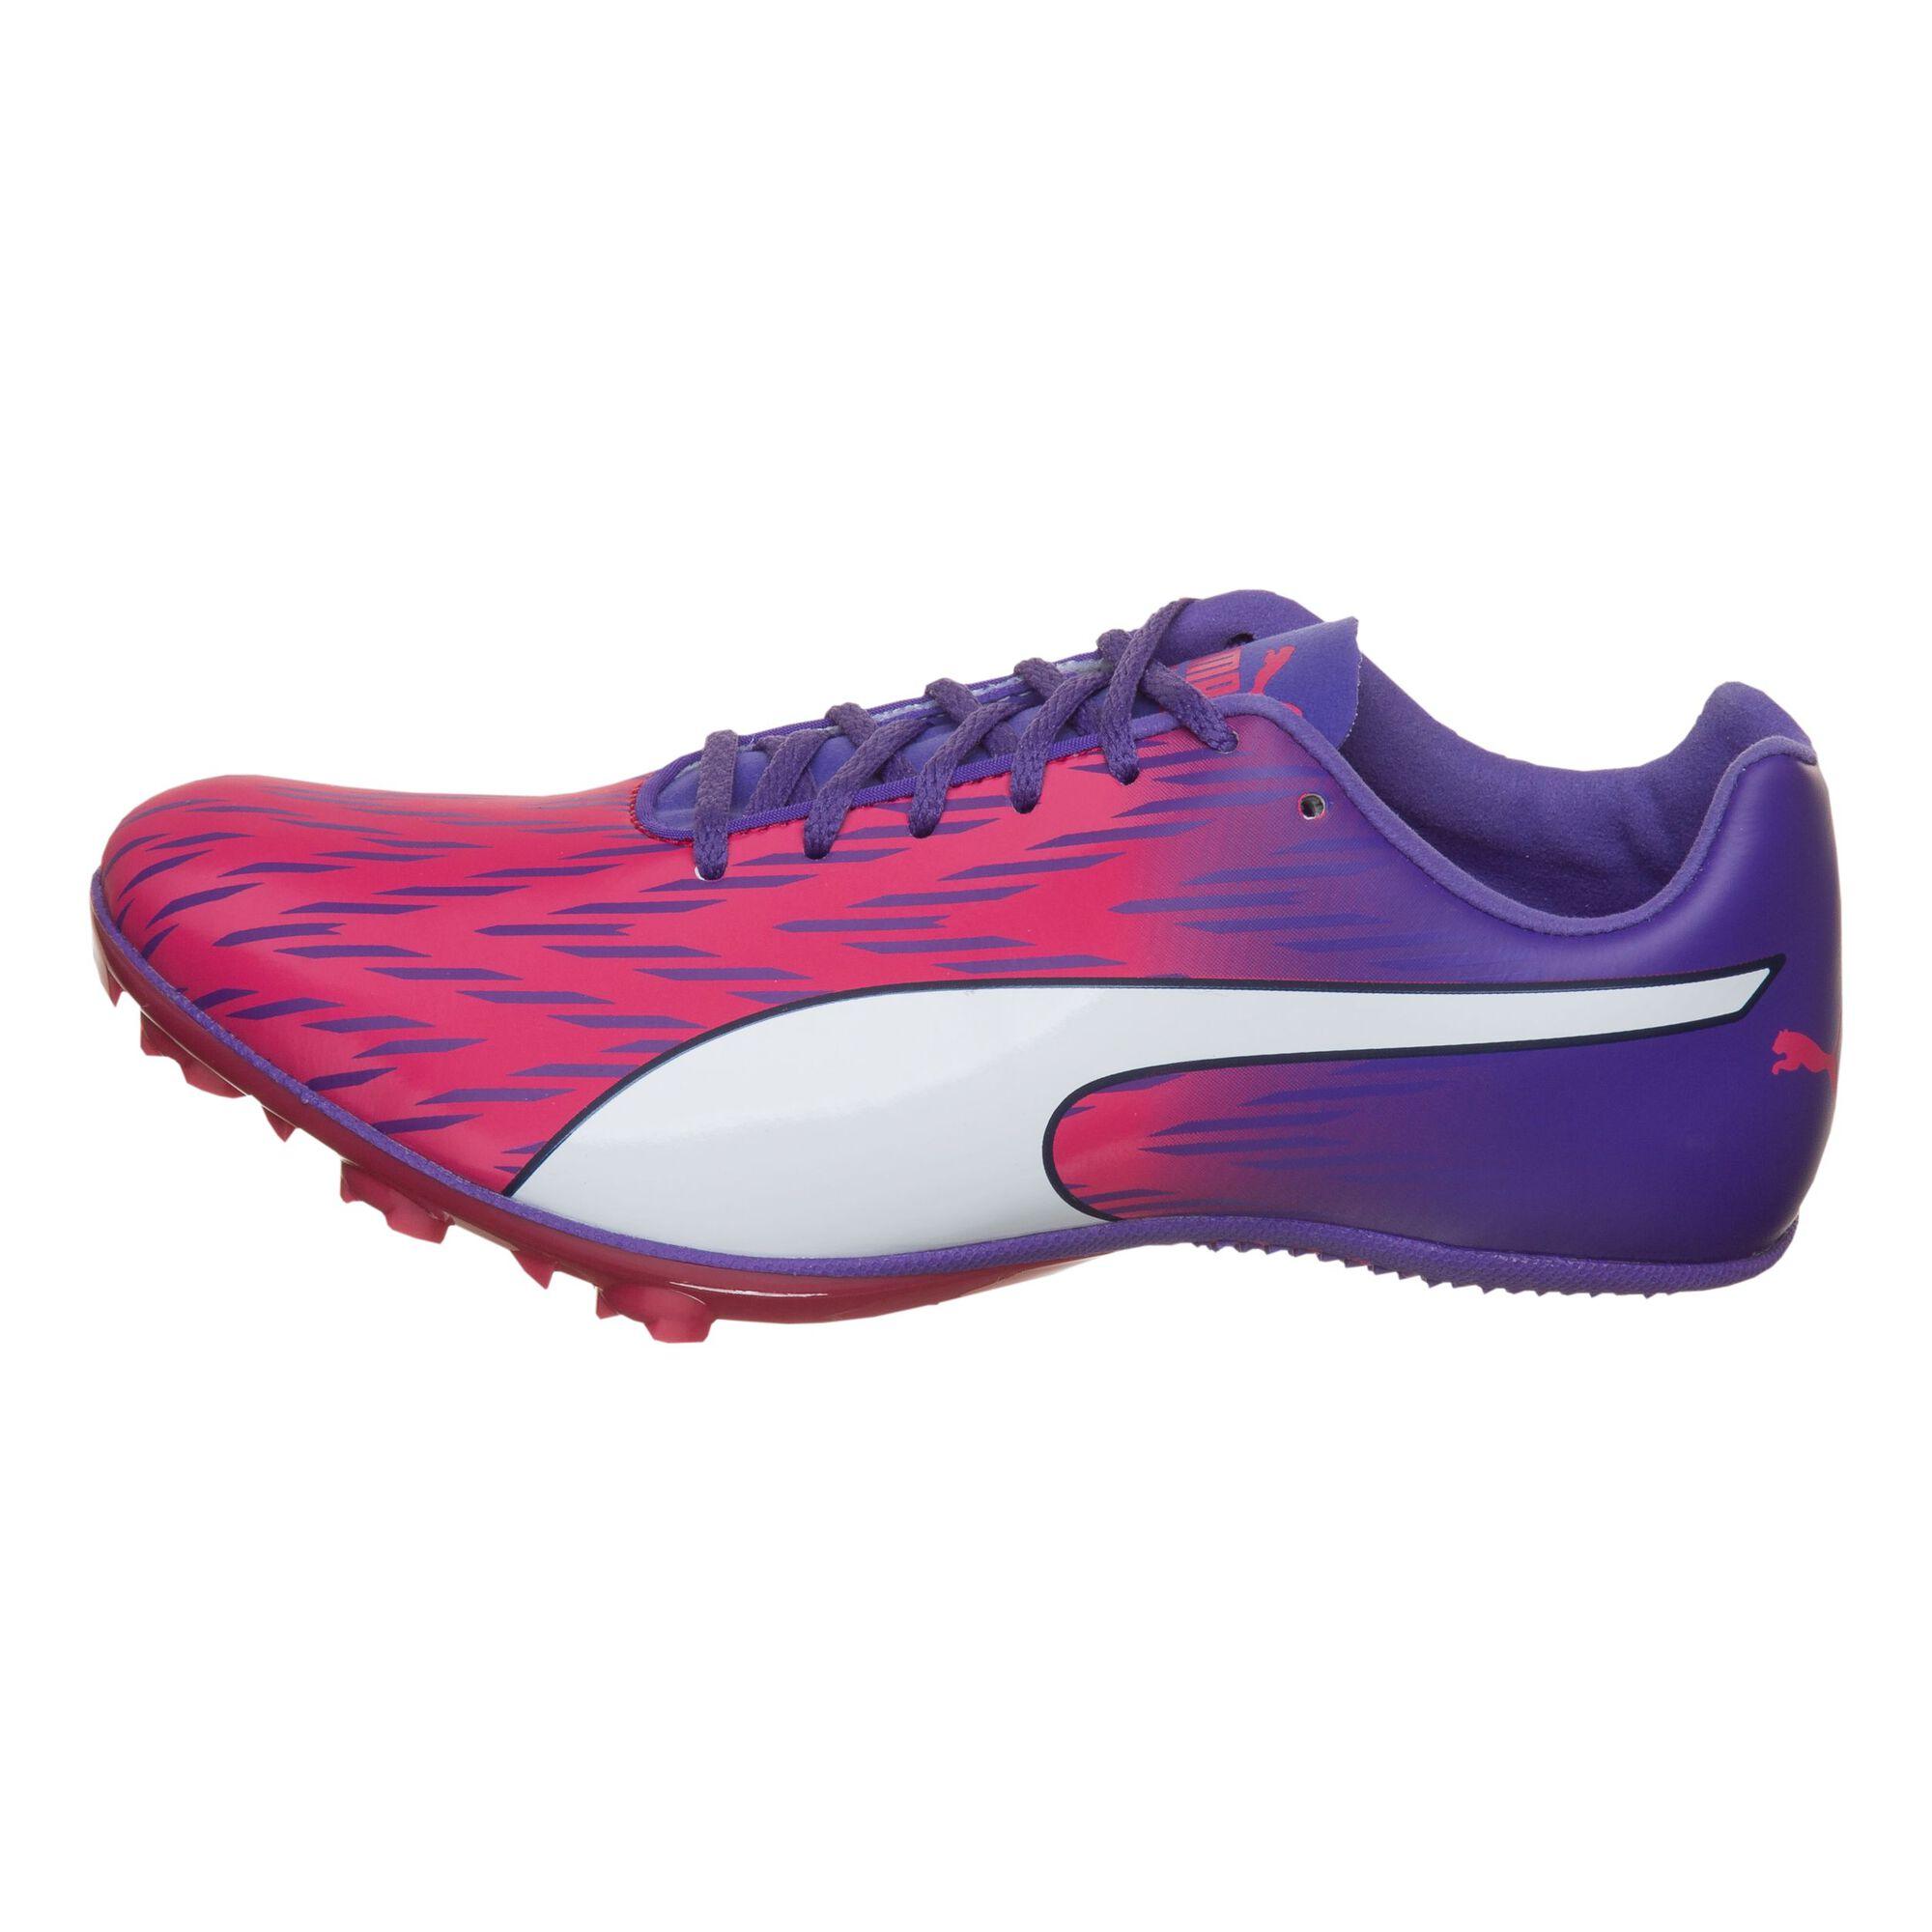 buy Puma EvoSPEED Sprint 7 Spike Shoes Women - Pink 9d95a130a